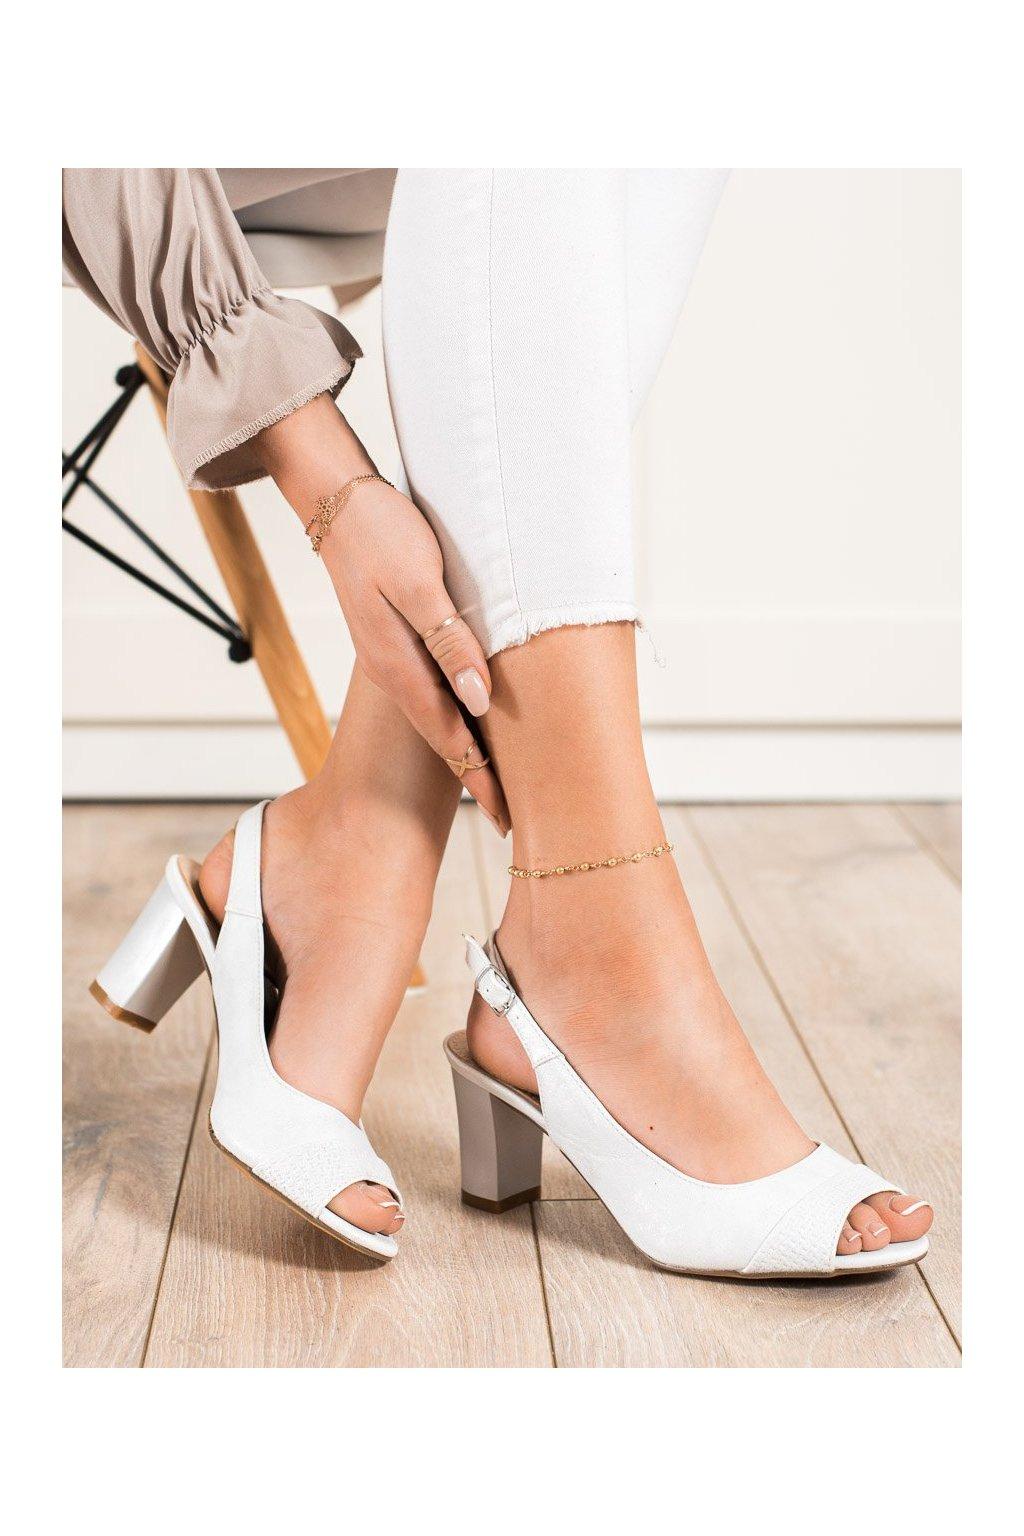 Sivé sandále na podpätku Shelovet kod 20SD35-2100S